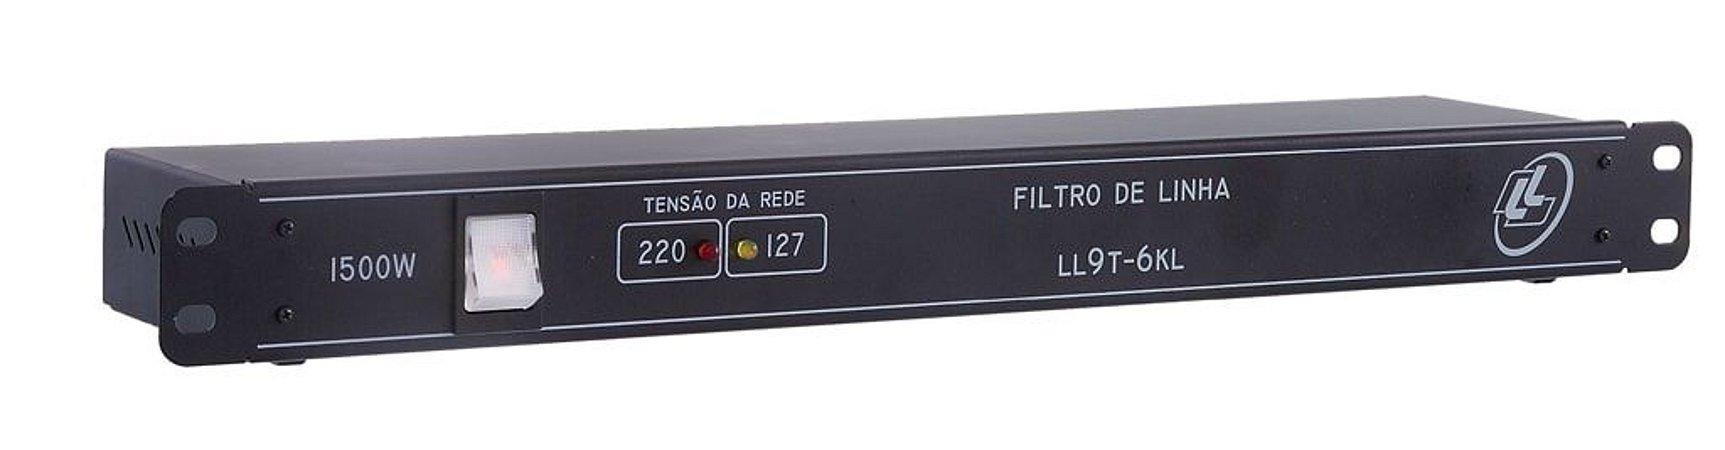 FILTRO DE LINHA PADRÃO ABNT-1500 EATS 09 TOMADAS LL9T6KL